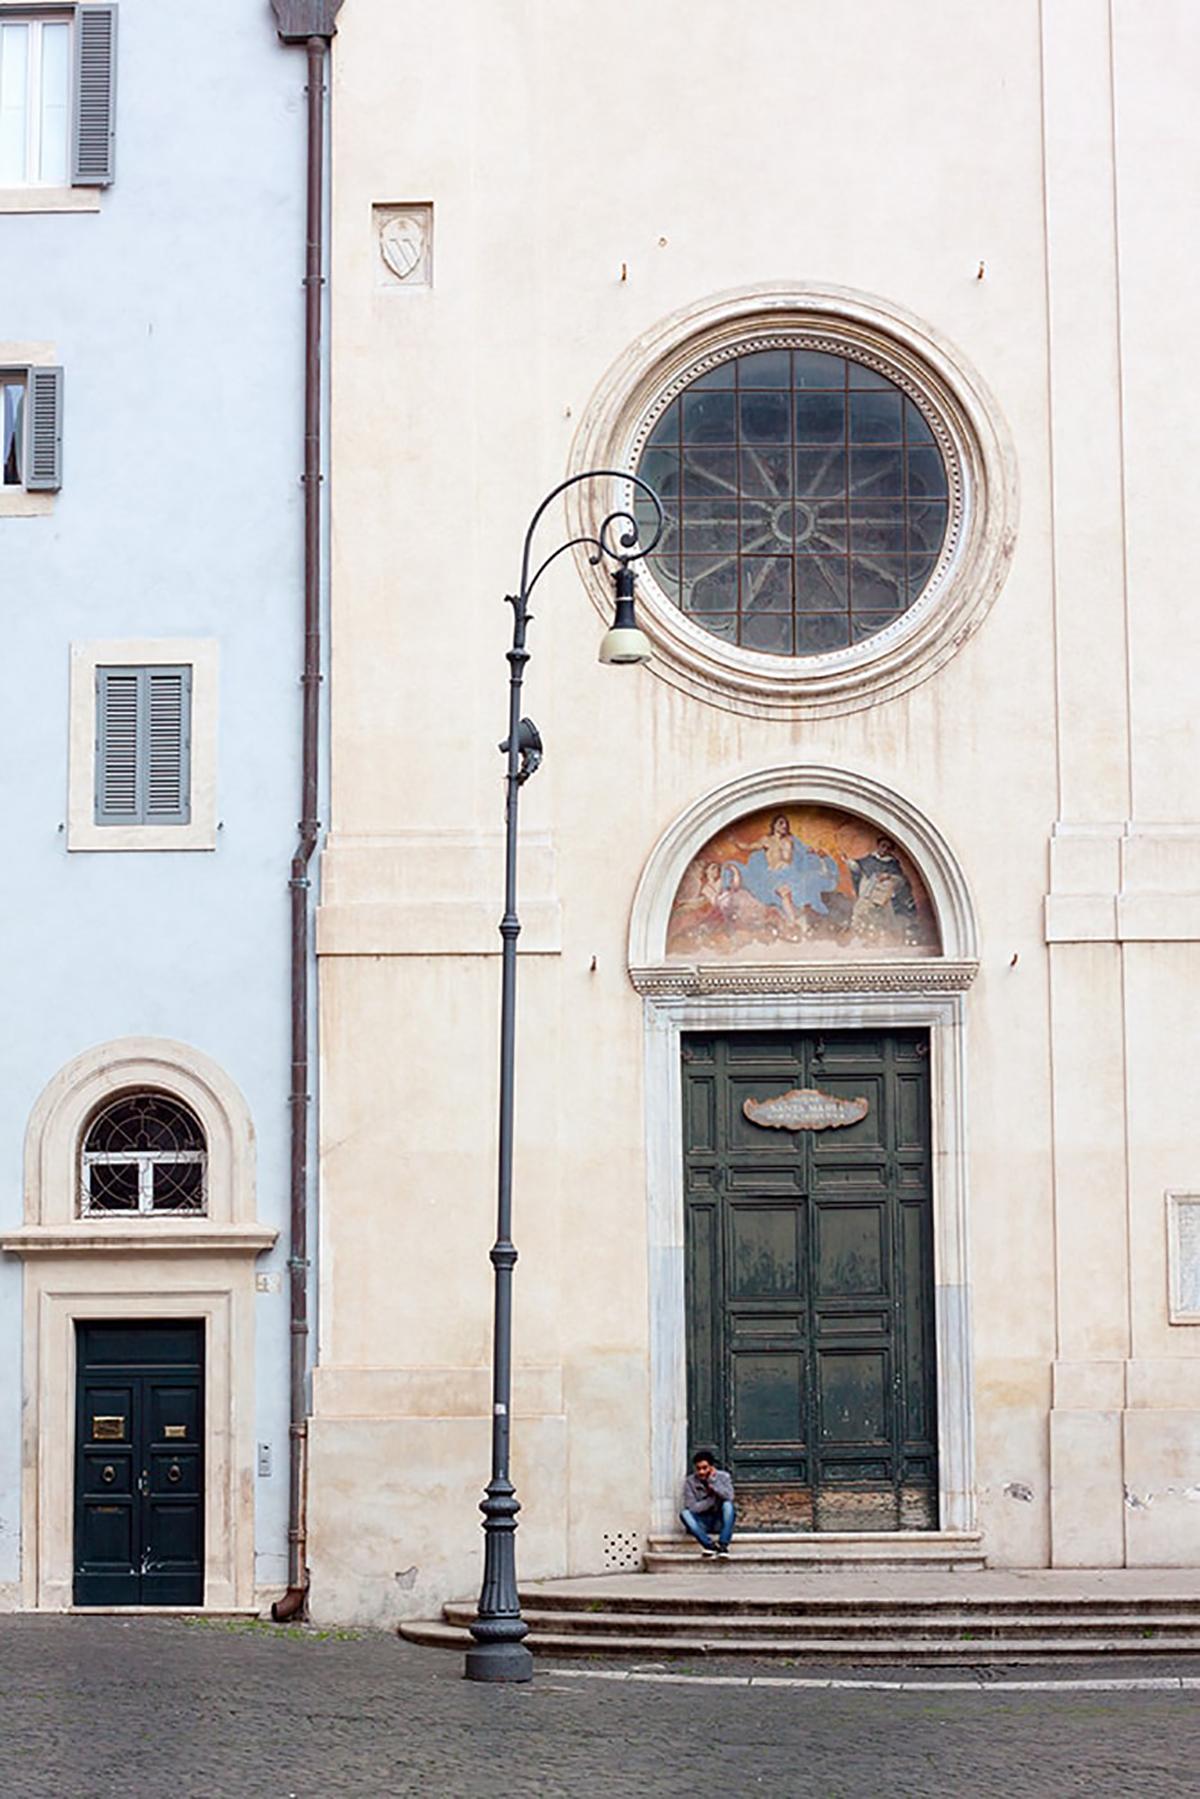 Fotografie. Straßenfotografie. Kircheneingang einer Kirche in Rom.